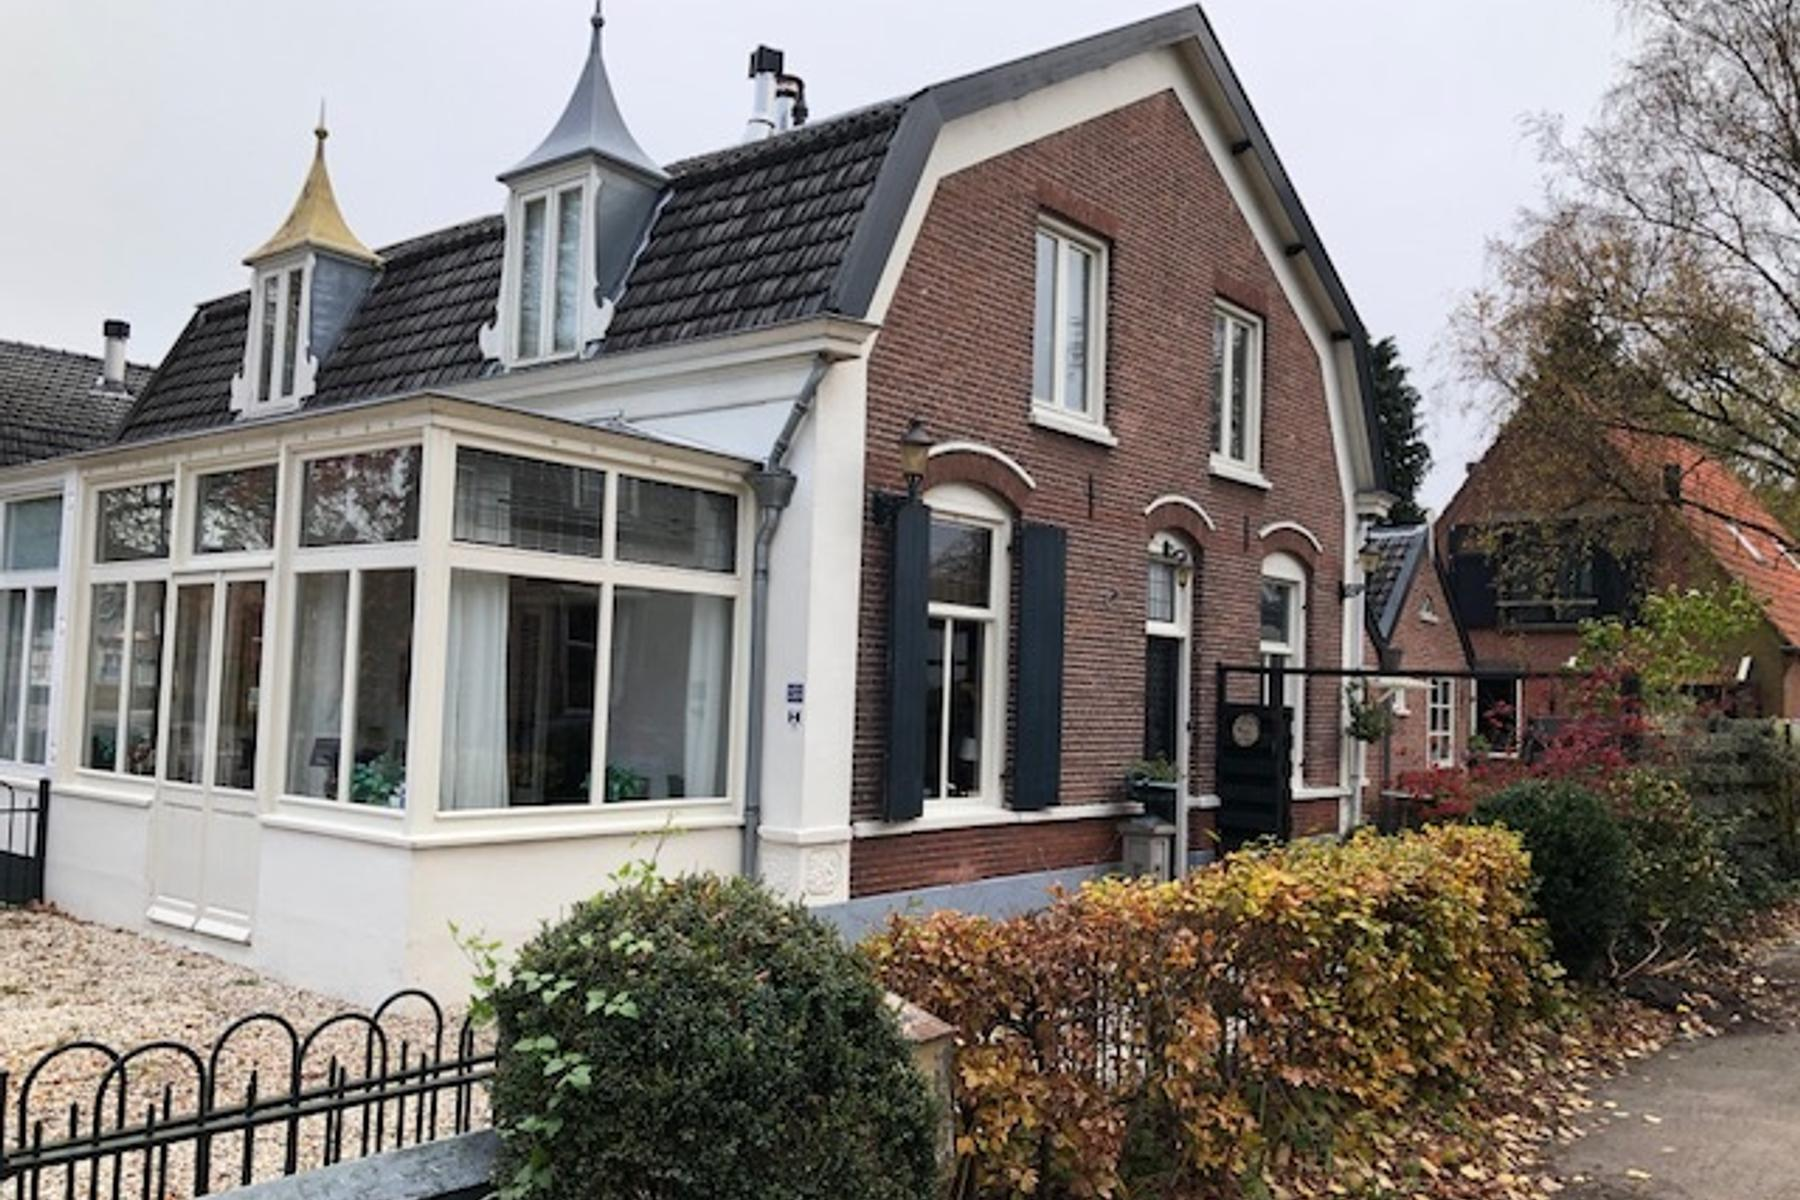 Arnhemsebovenweg 255 in Driebergen-Rijsenburg 3971 MH